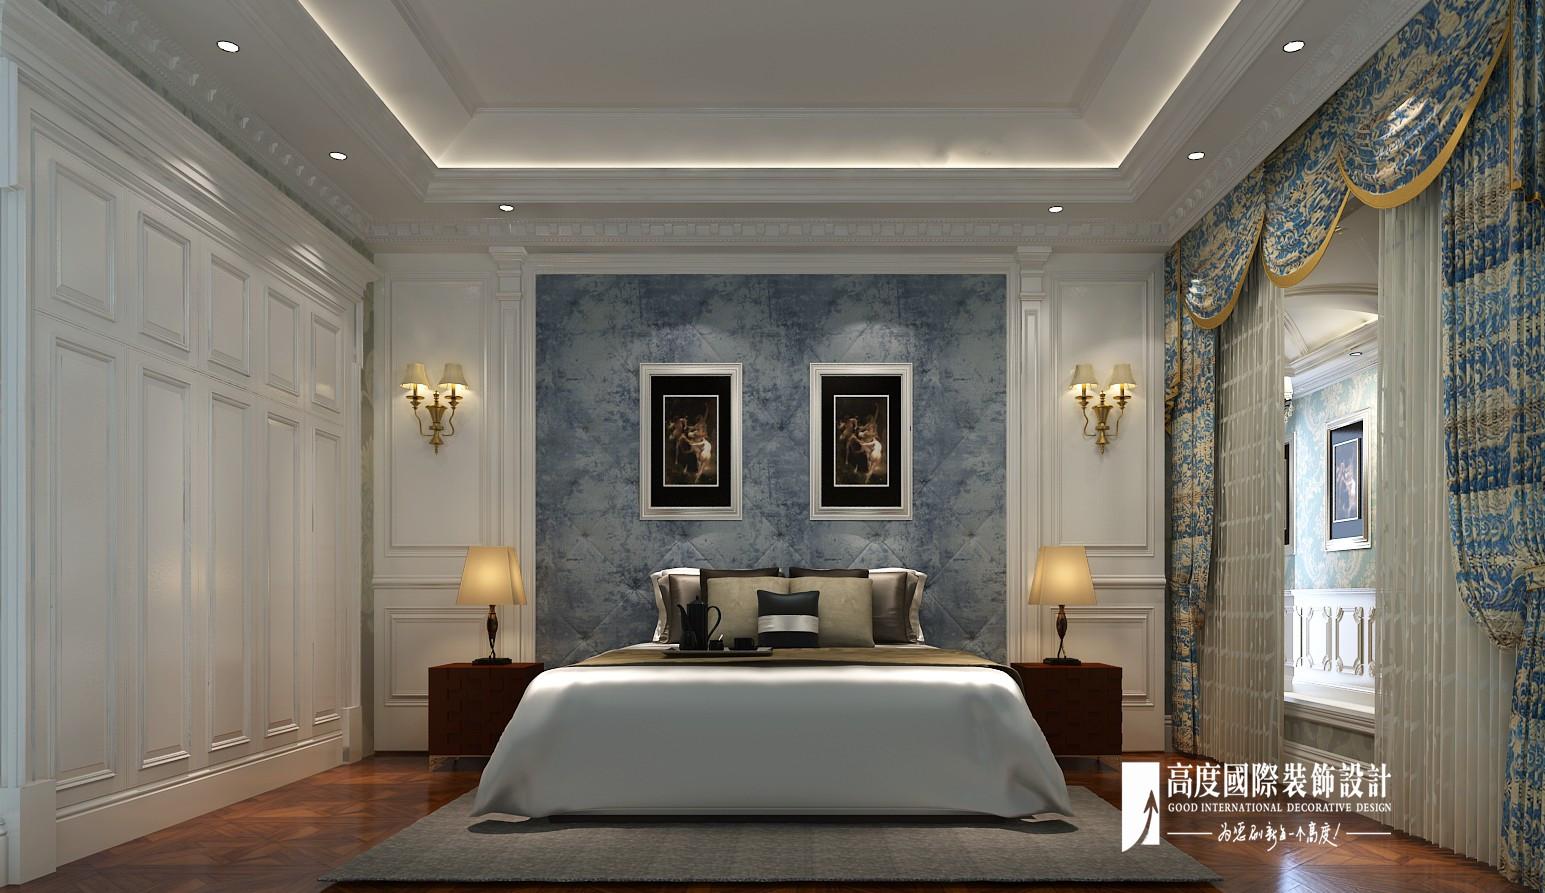 欧式 新古典 别墅 跃层 复式 大户型 80后 石上清泉 卧室图片来自高度国际姚吉智在石上清泉500平米欧式新古典时尚的分享